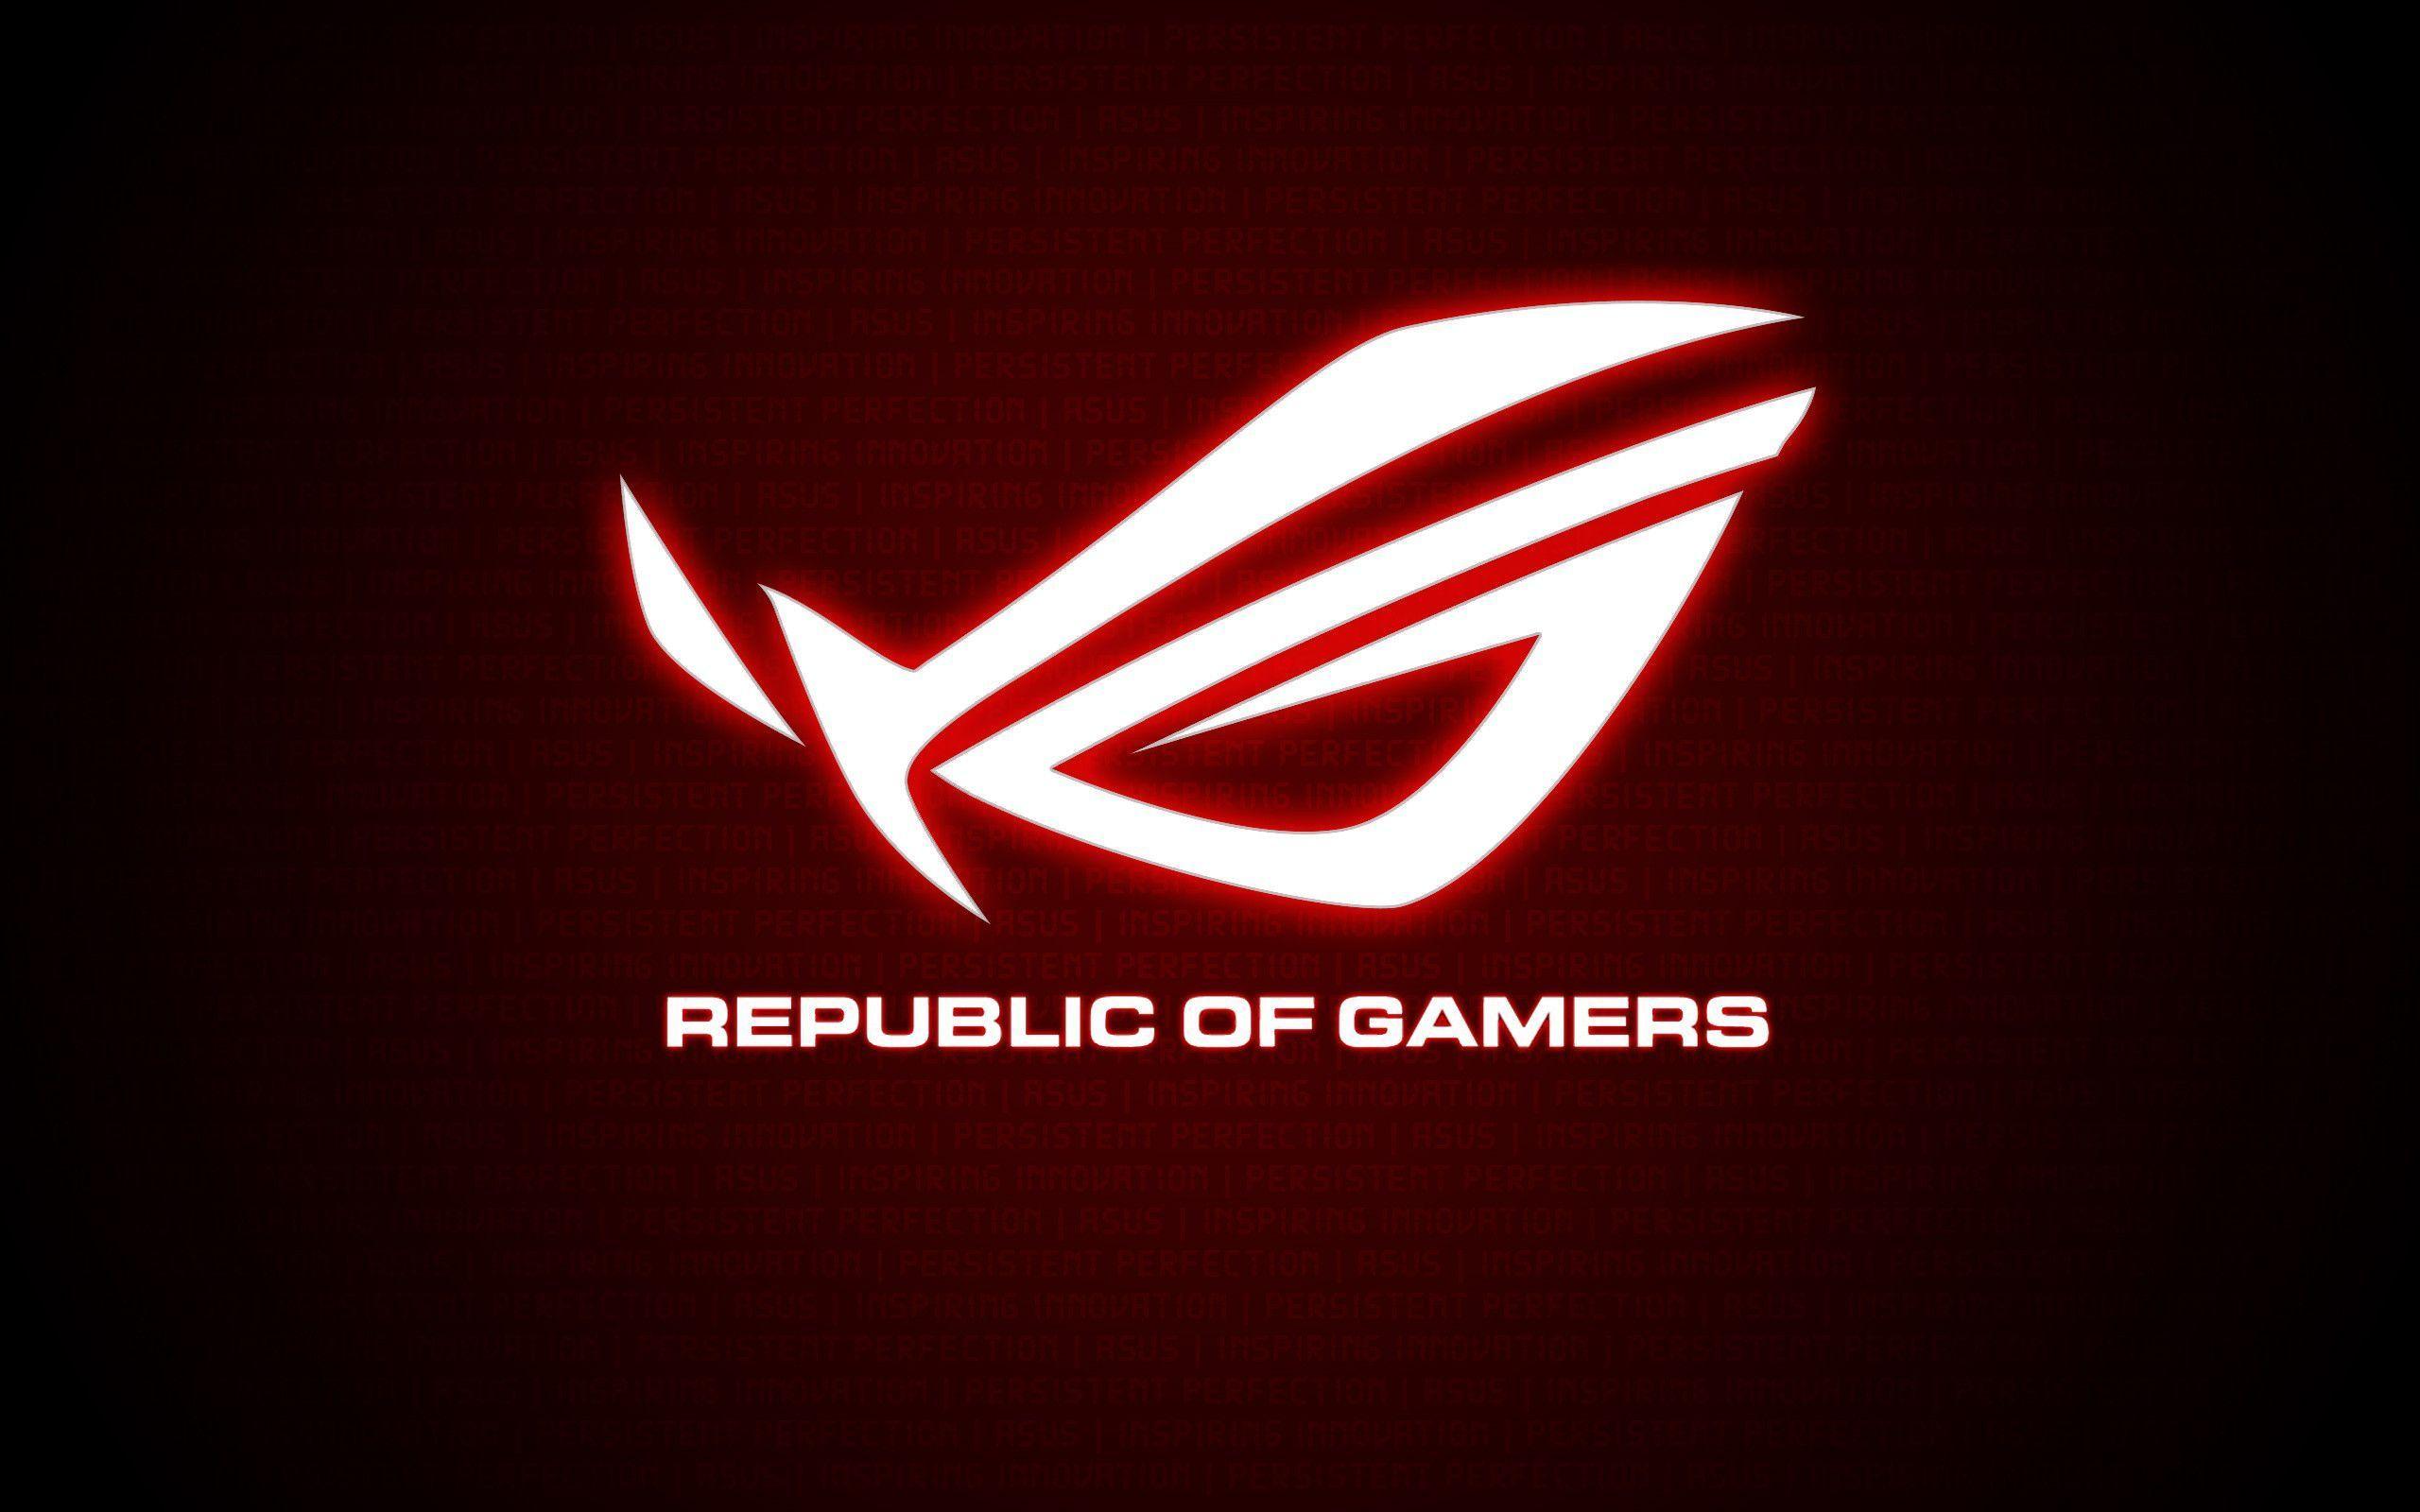 Republic Of Gamers Wallpapers Wallpaper Cave Asus rog